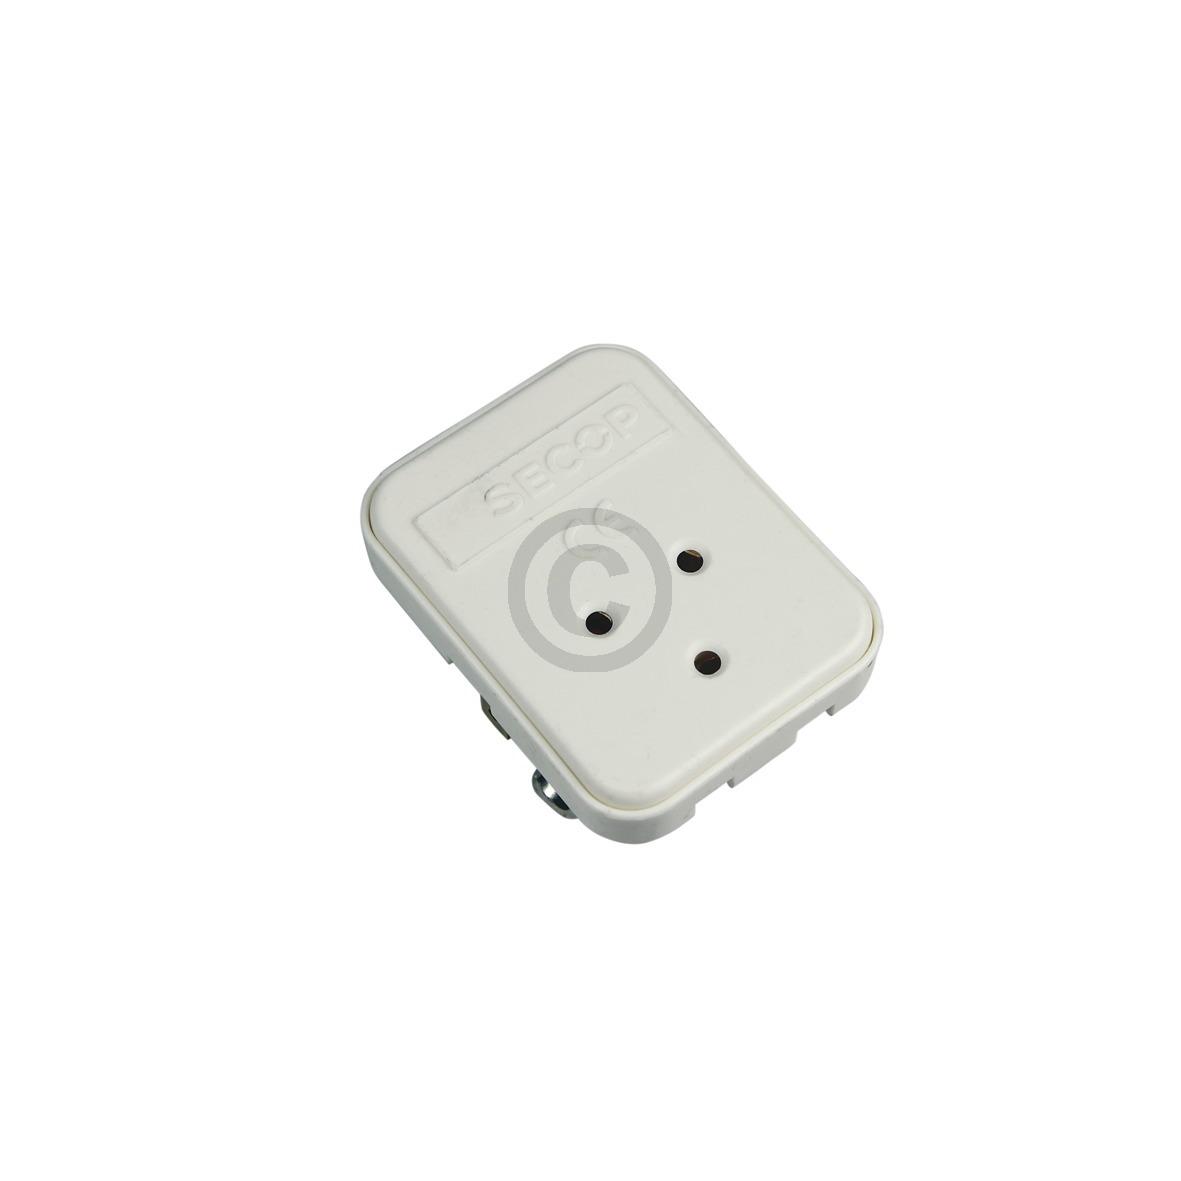 Anlassvorrichtung Danfoss 103N0021 4,8mmAMP für Kühlschrank Gefrierschrank